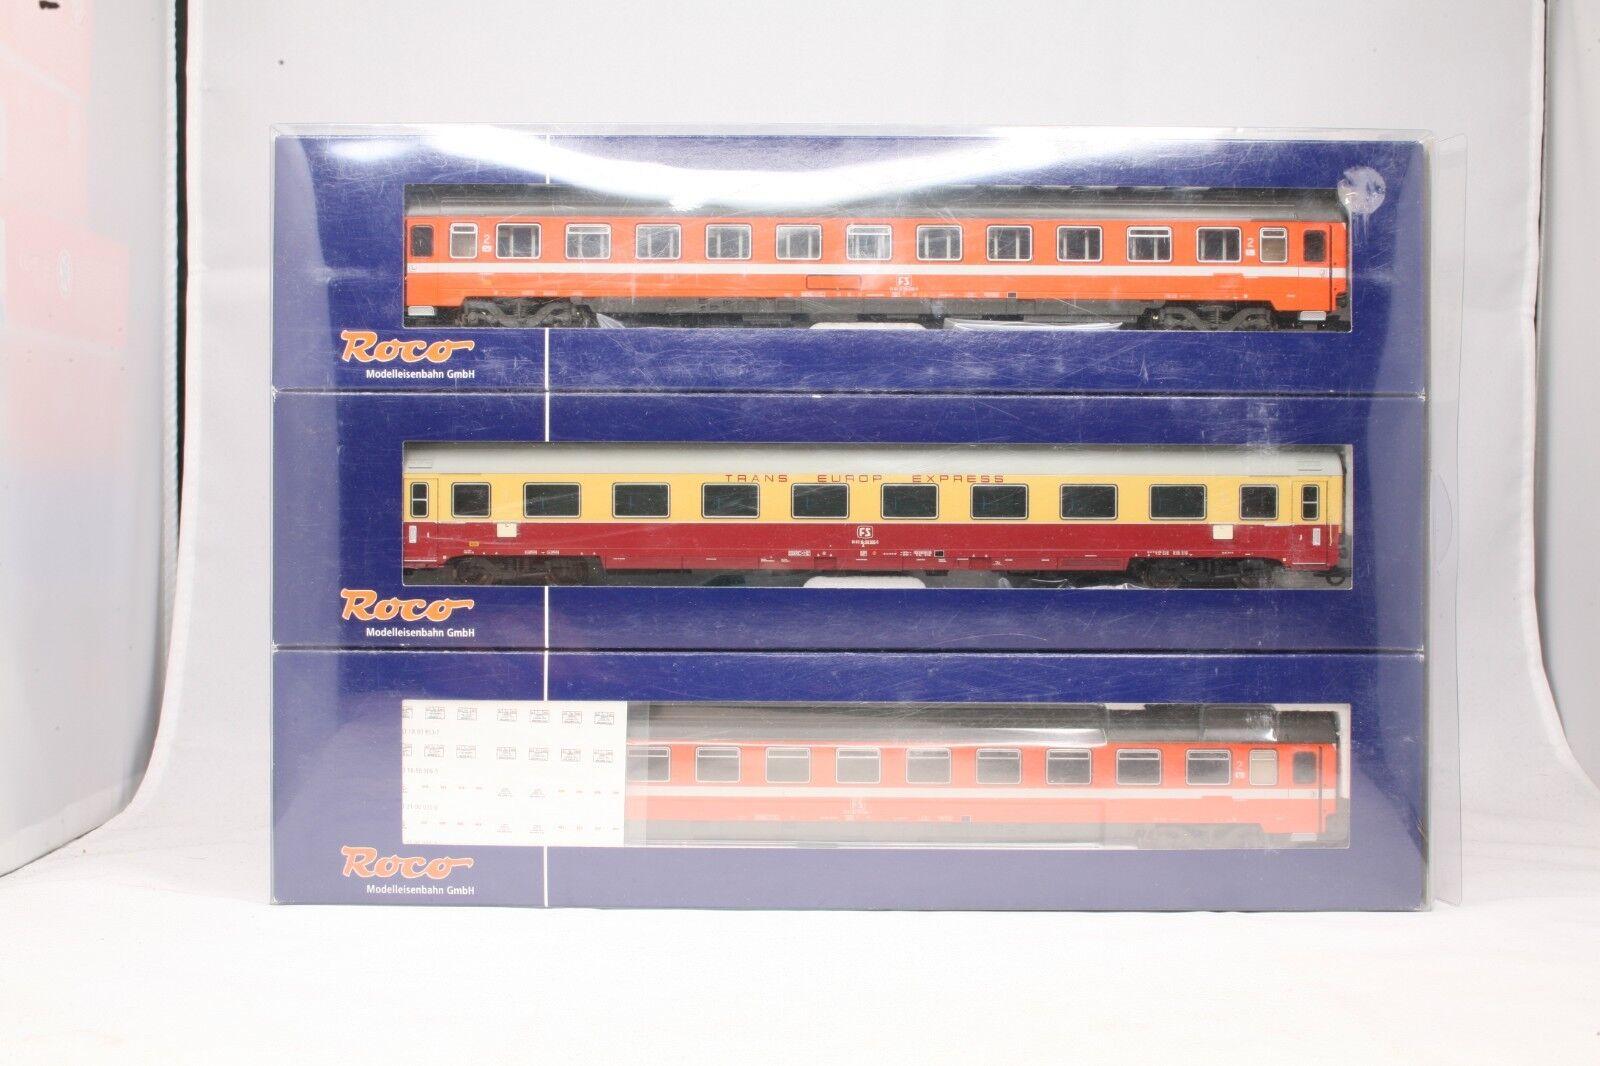 H0 roco 64073 a los turismos de la fs schnellzugwagen-set 3 piezas Europ Express 1 87